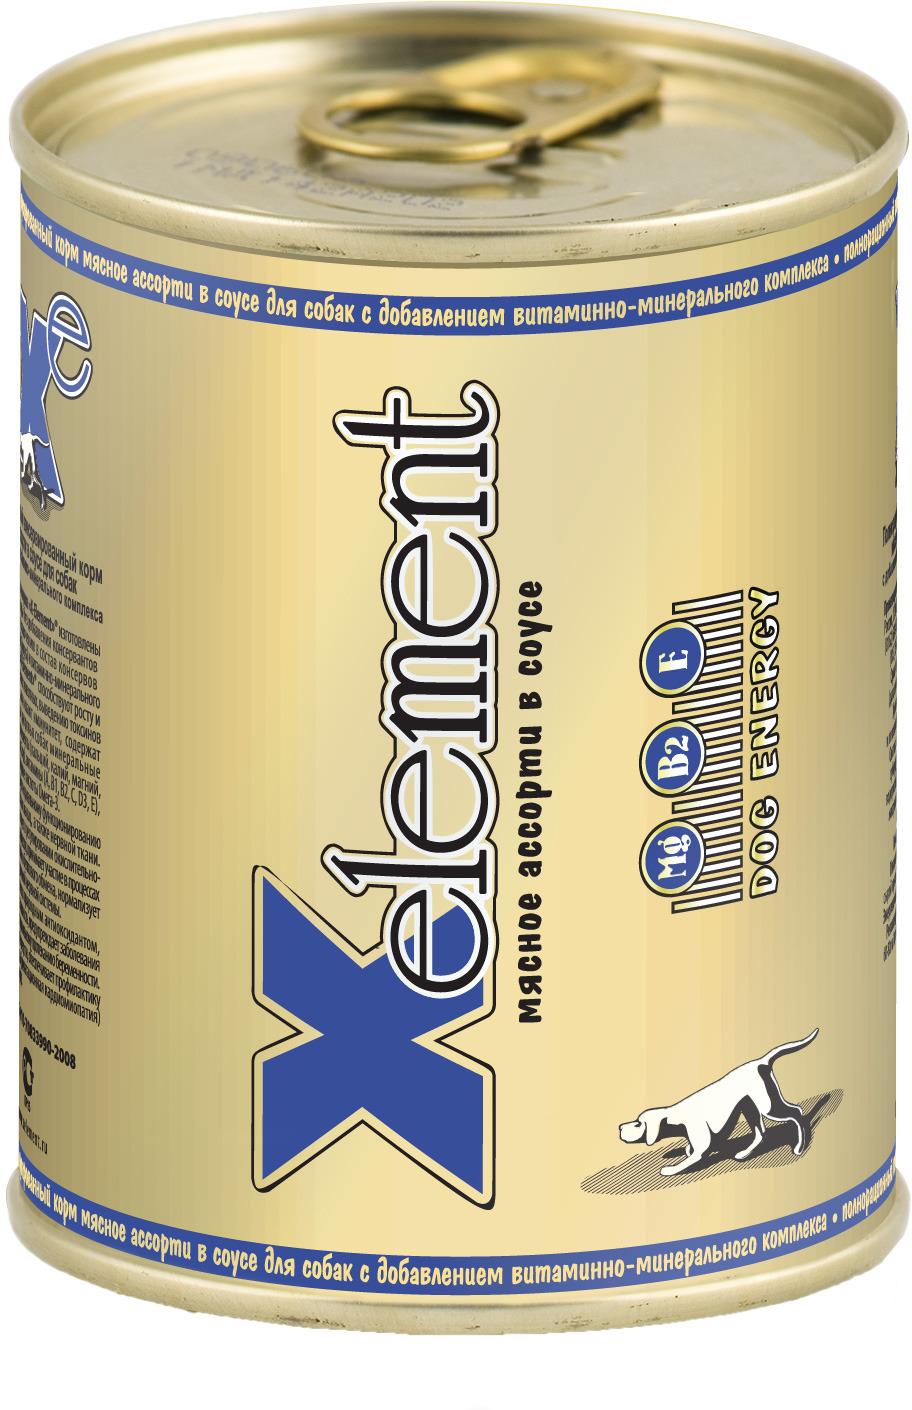 купить Корм консервированный X-Element, мясное ассорти в соусе, 340 г онлайн